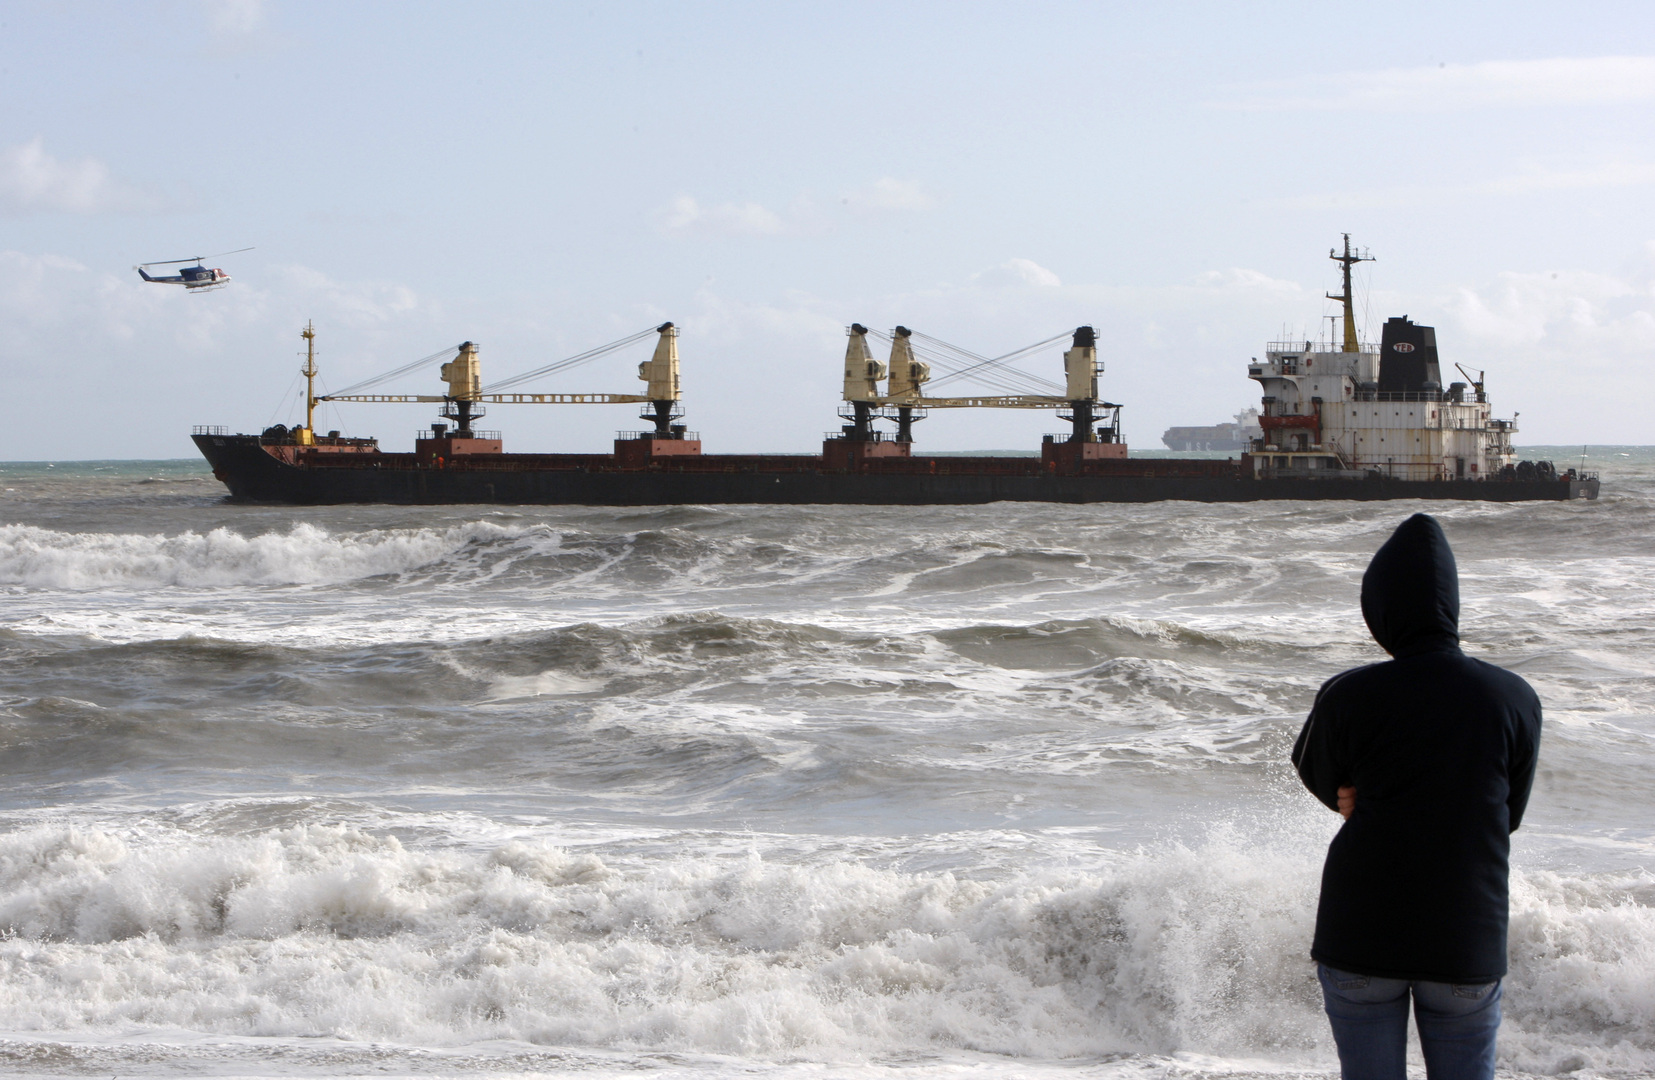 تشاوش أوغلو: العمل جار لتحرير البحارة الأتراك المختطفين في نيجيريا